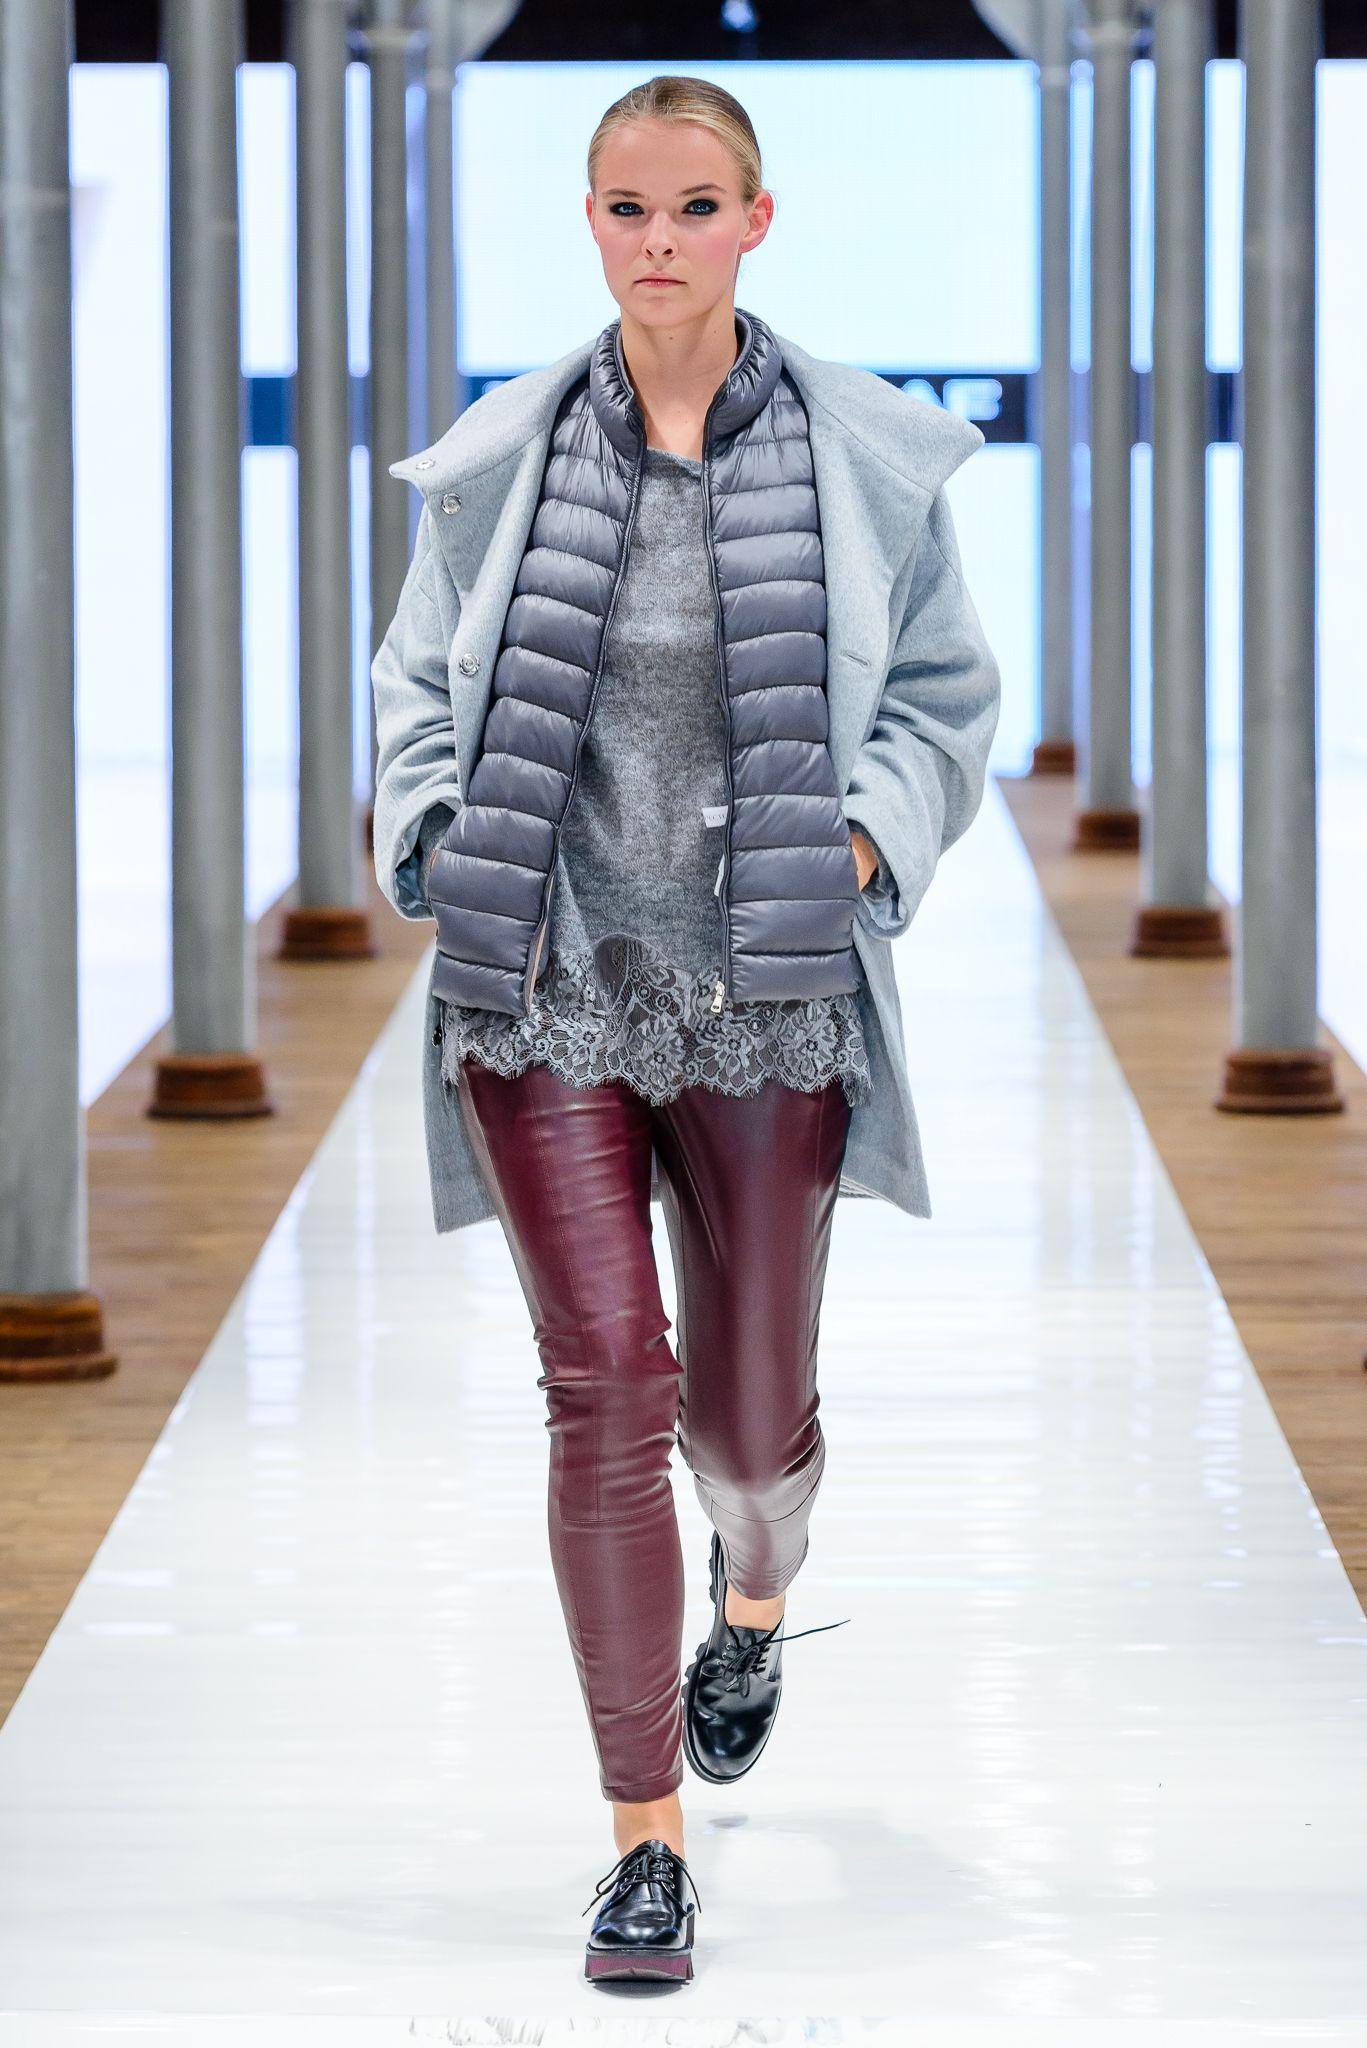 Pokaz Nowej Kolekcji Butow Apia Jesien Zima 2015 16 Polbuty Na Platformie Platforma Grubapodeszwa Martensy Buty Obuwie T Winter Jackets Jackets Fashion